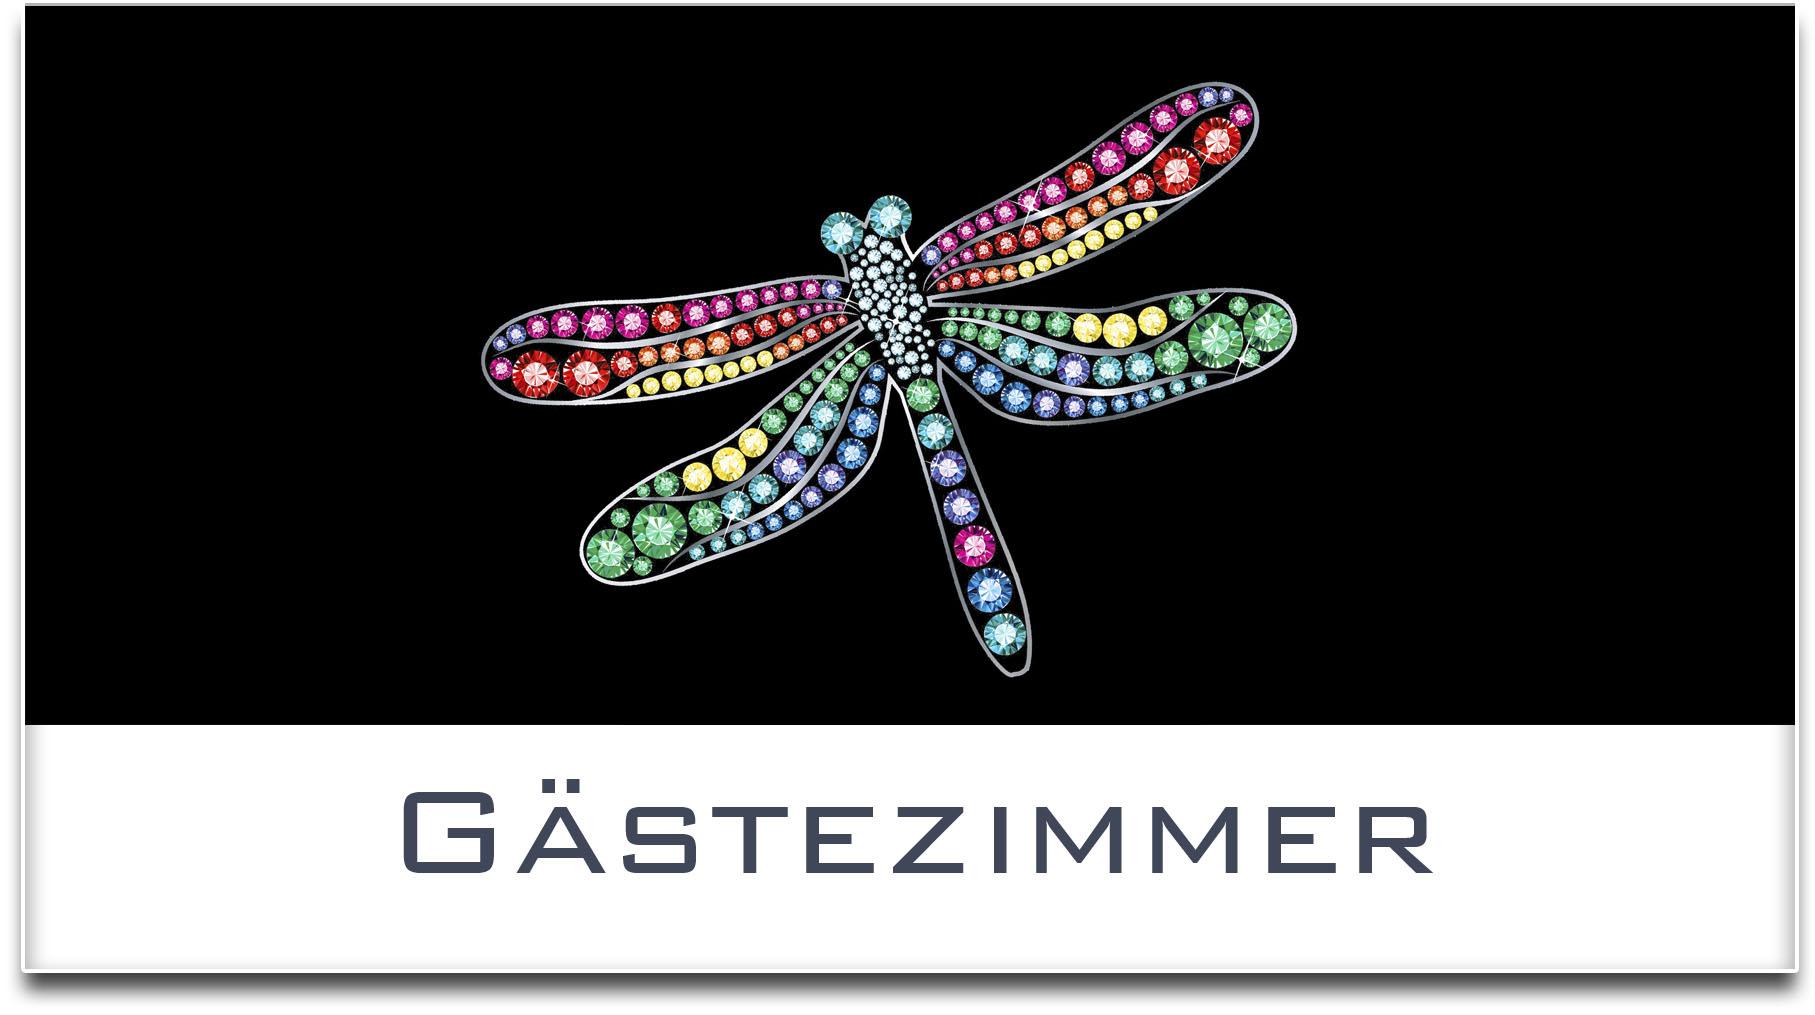 Türschild / Haustürschild / Libelle / Gästezimmer / Selbstklebend